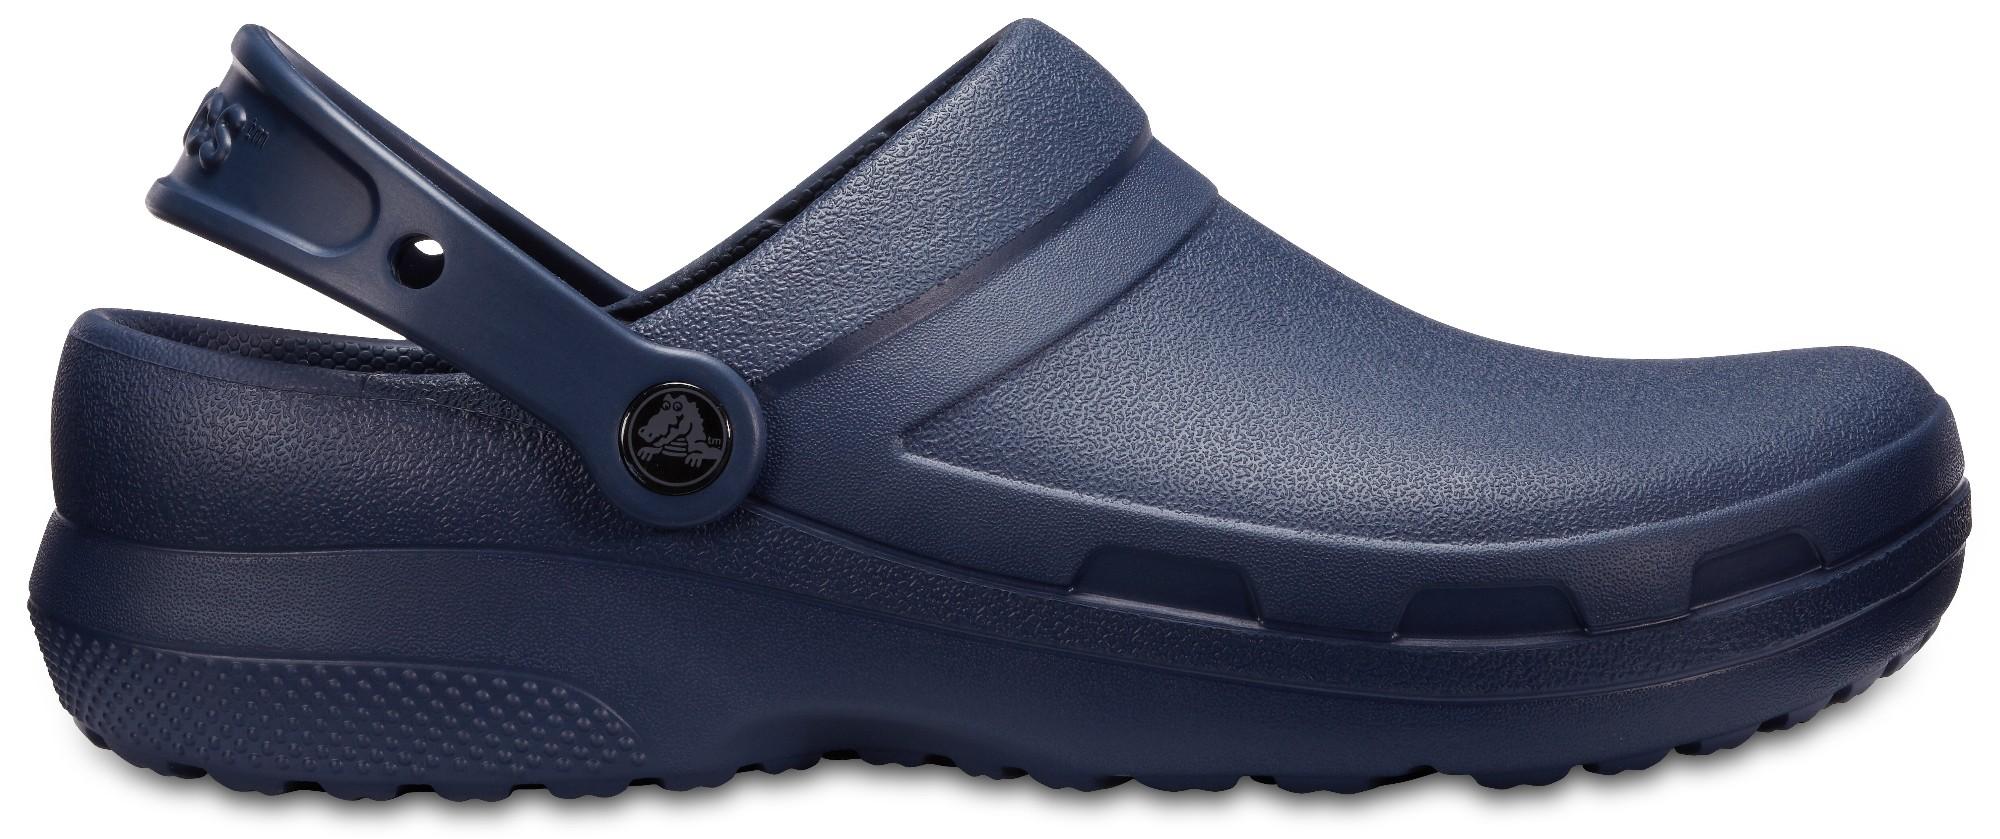 Crocs™ Specialist II Clog Navy 42,5